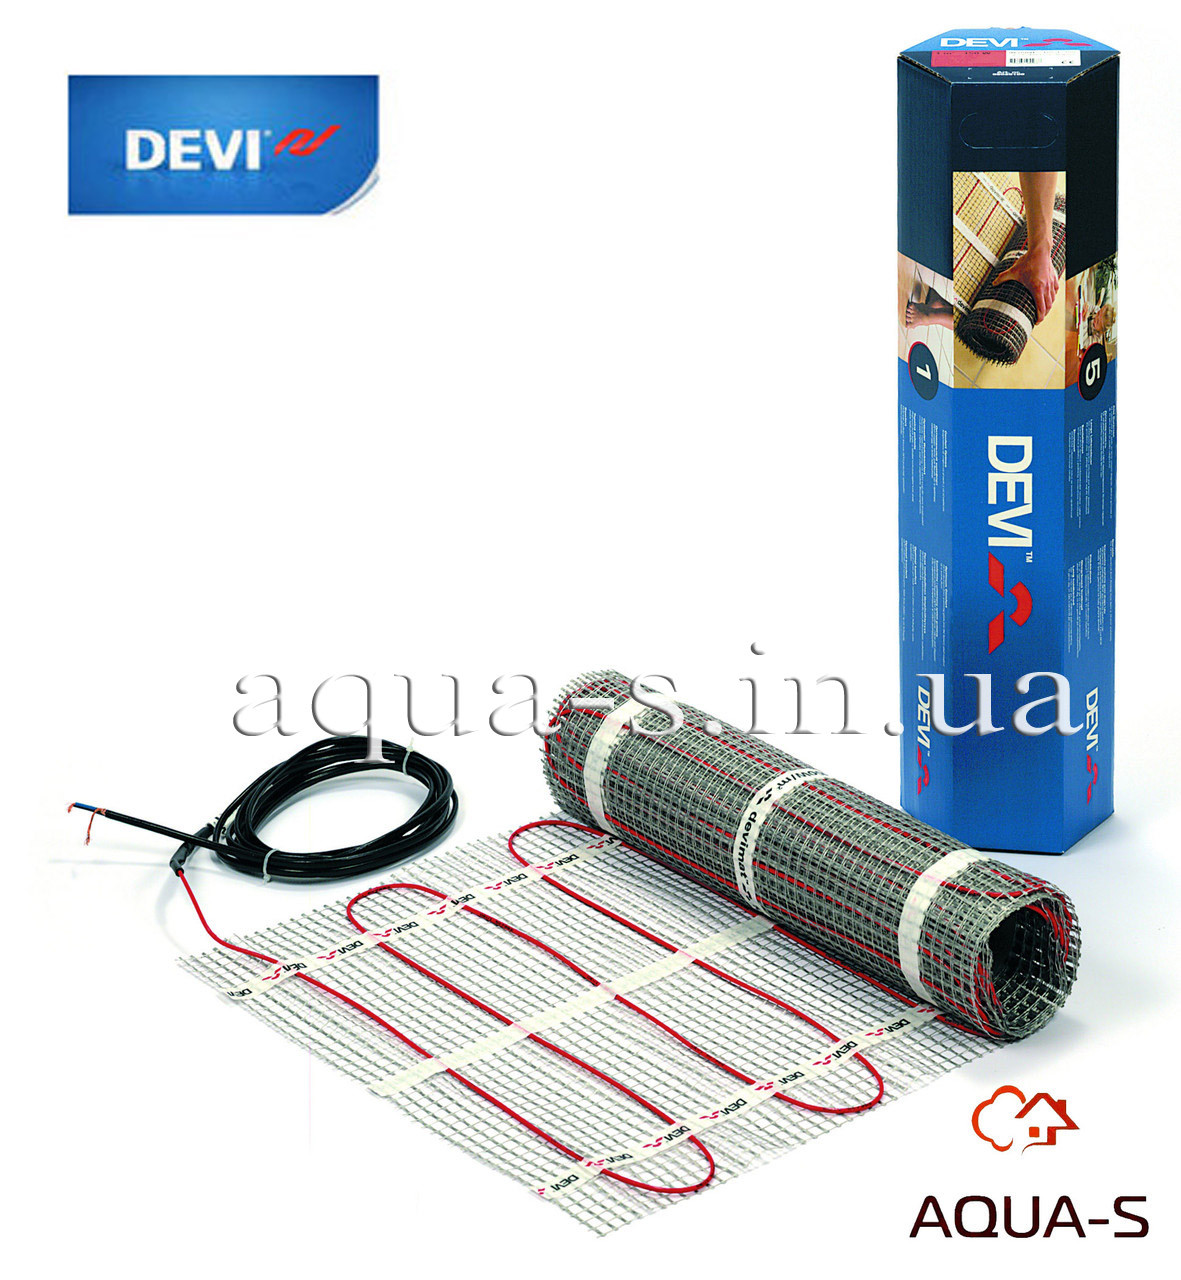 Мат нагревательный DEVI DEVIcomfort 150T (8 кв.м.) 1098 Вт. двухжильный (83030582)